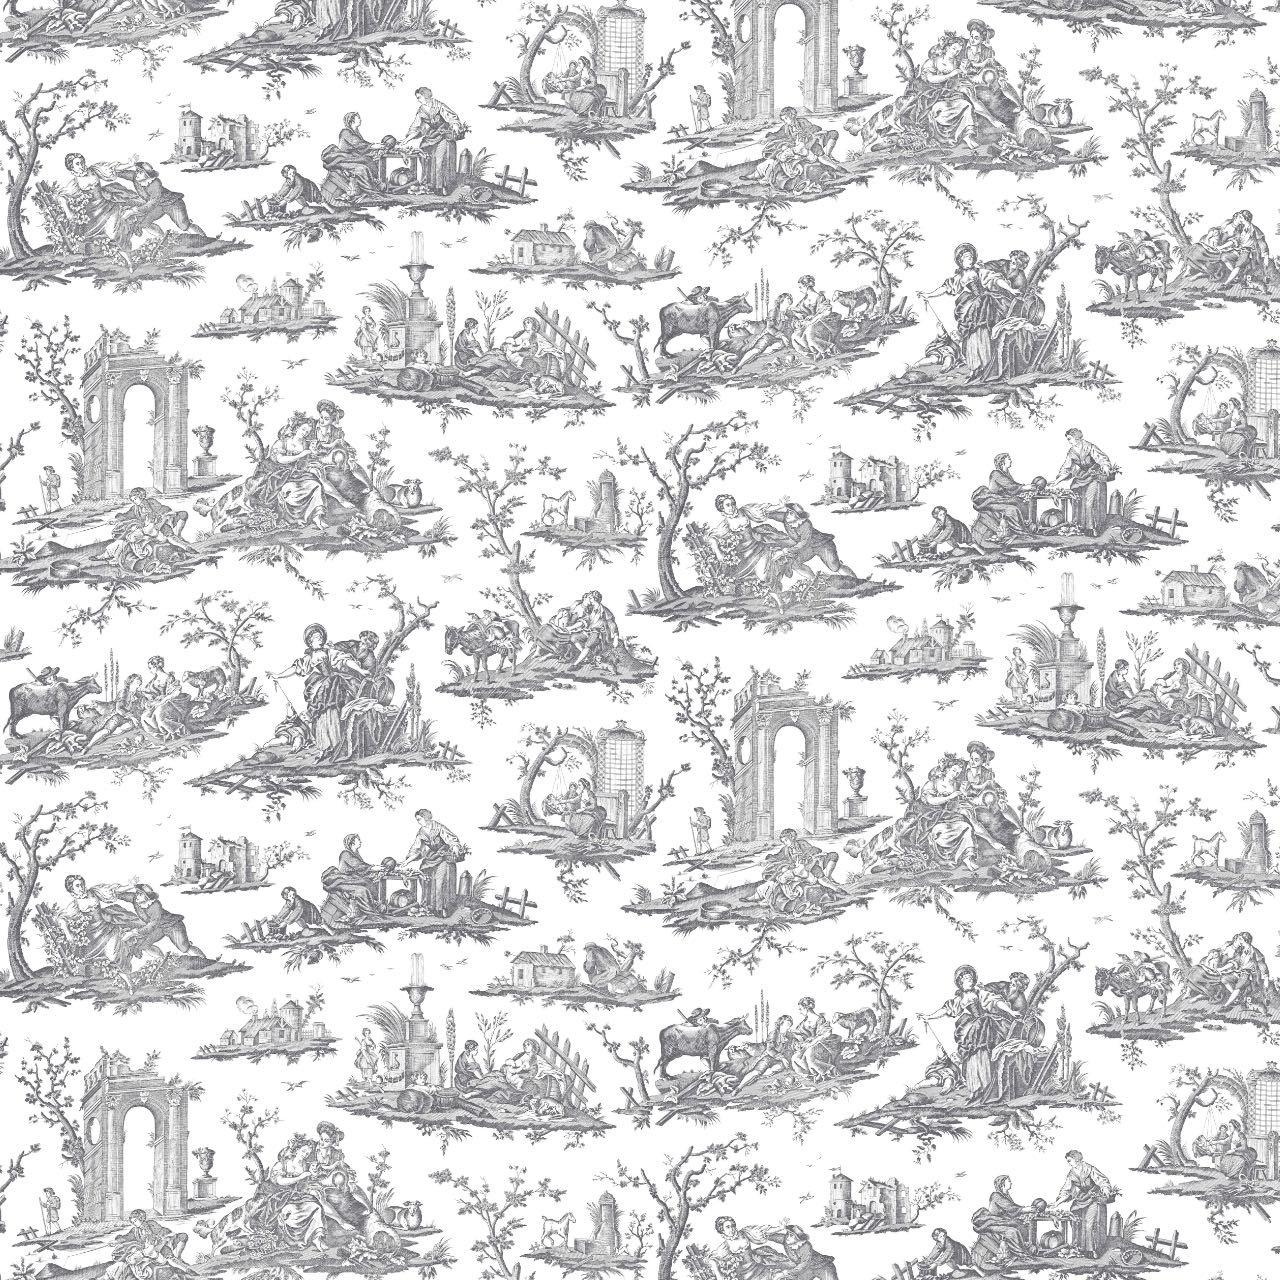 フランス壁紙 フリース(不織布) トワル・ド・ジュイ デザイン 《フラゴナール》 ブラック